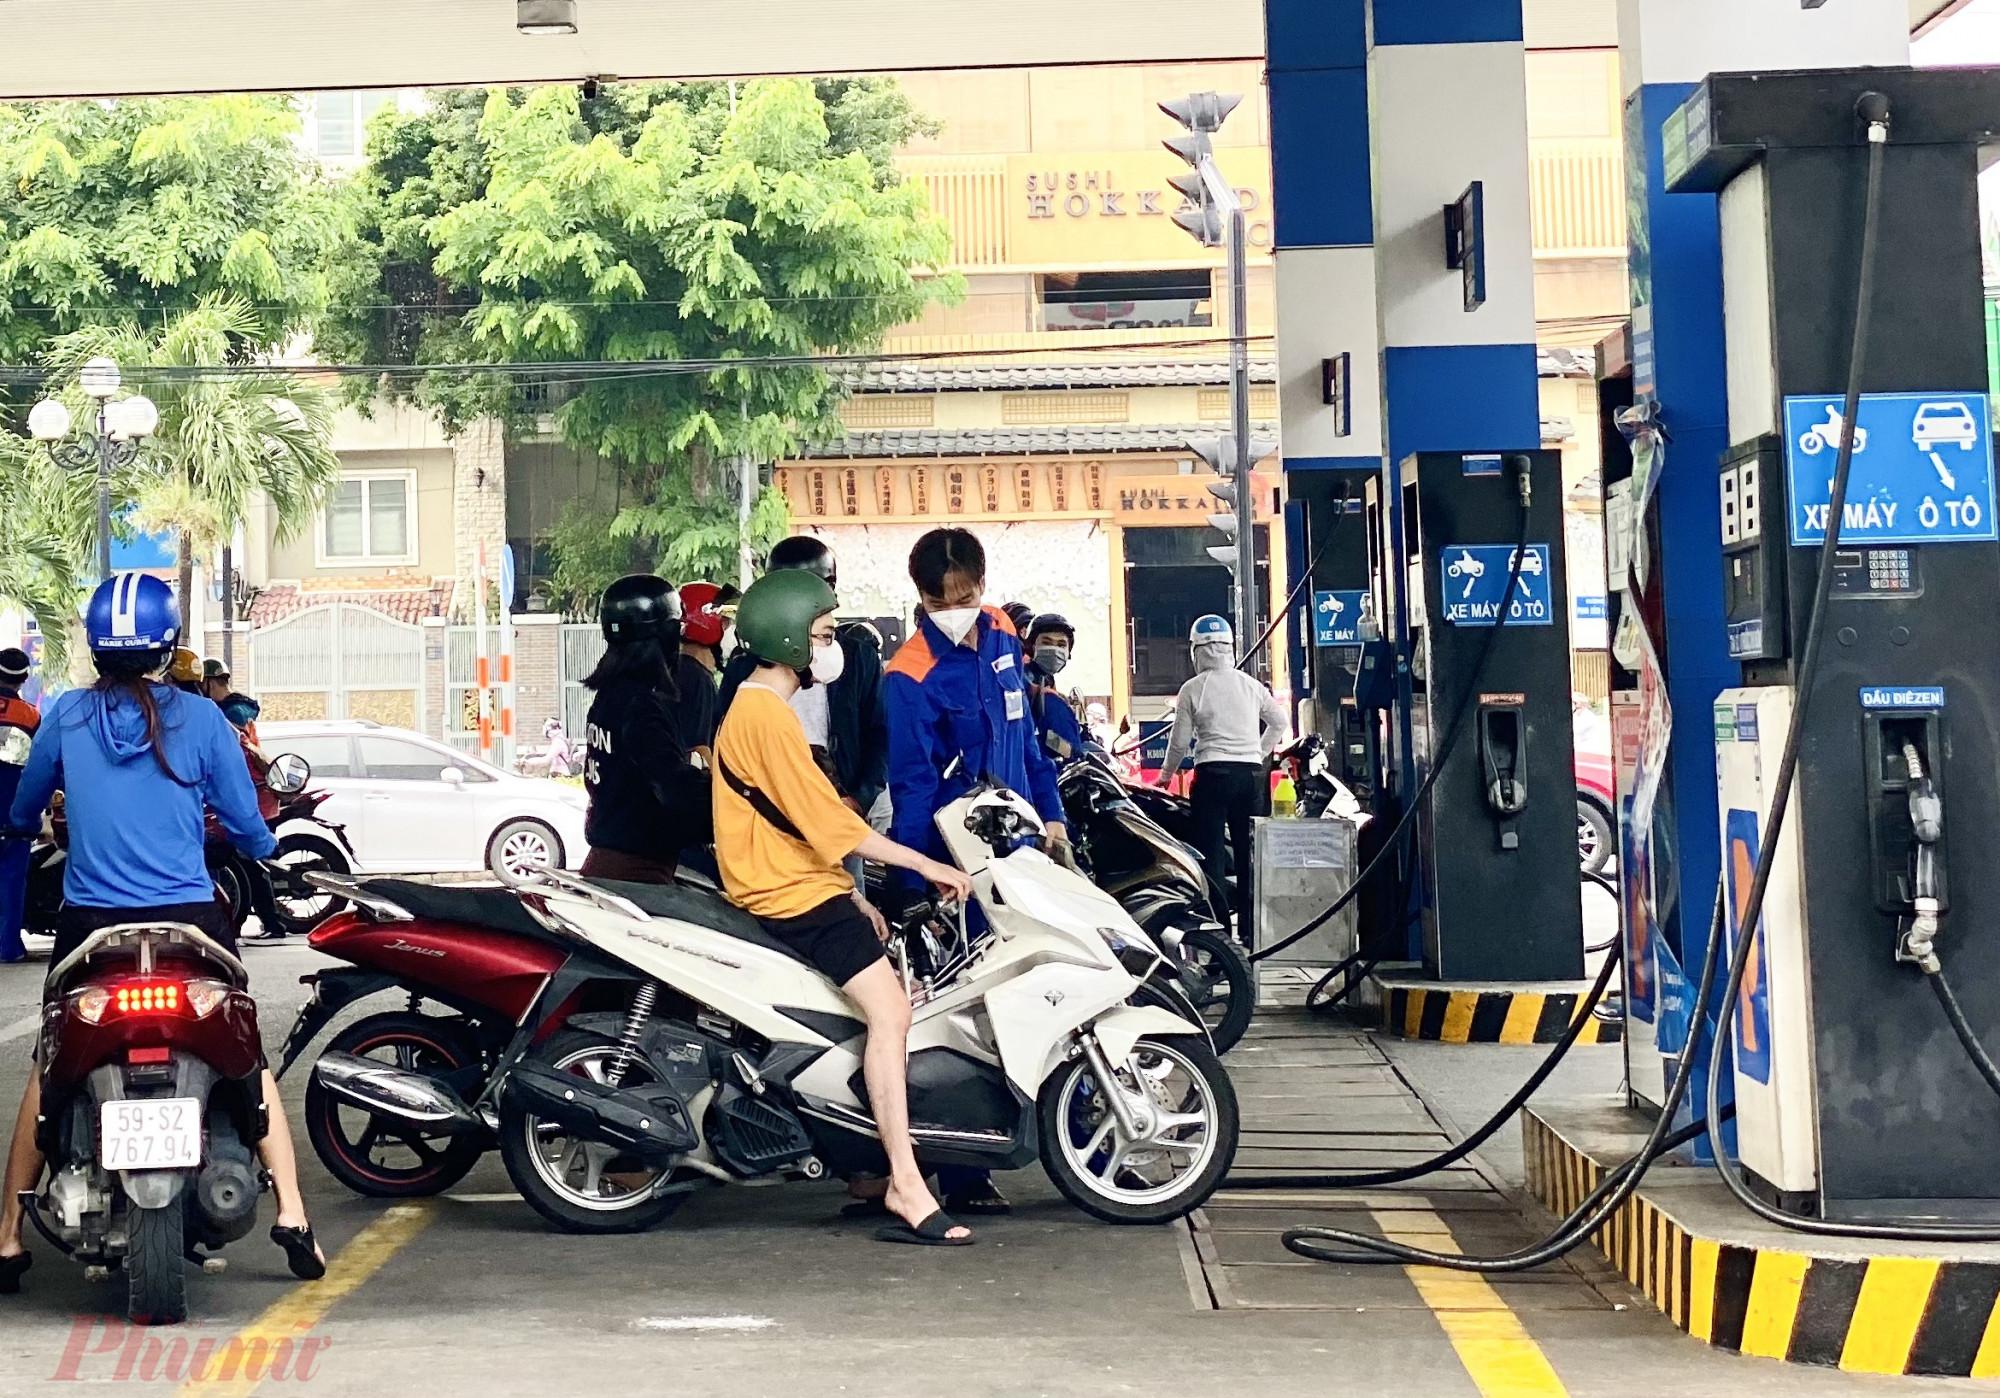 Người dân TPHCM đi đổ xăng khá đông tại một cây xăng trên đường Phan Xích Long (quận Phú Nhuận) trong ngày đầu tiên Thành phố nới lỏng giãn cách (1/10). Ảnh: Quốc Thái